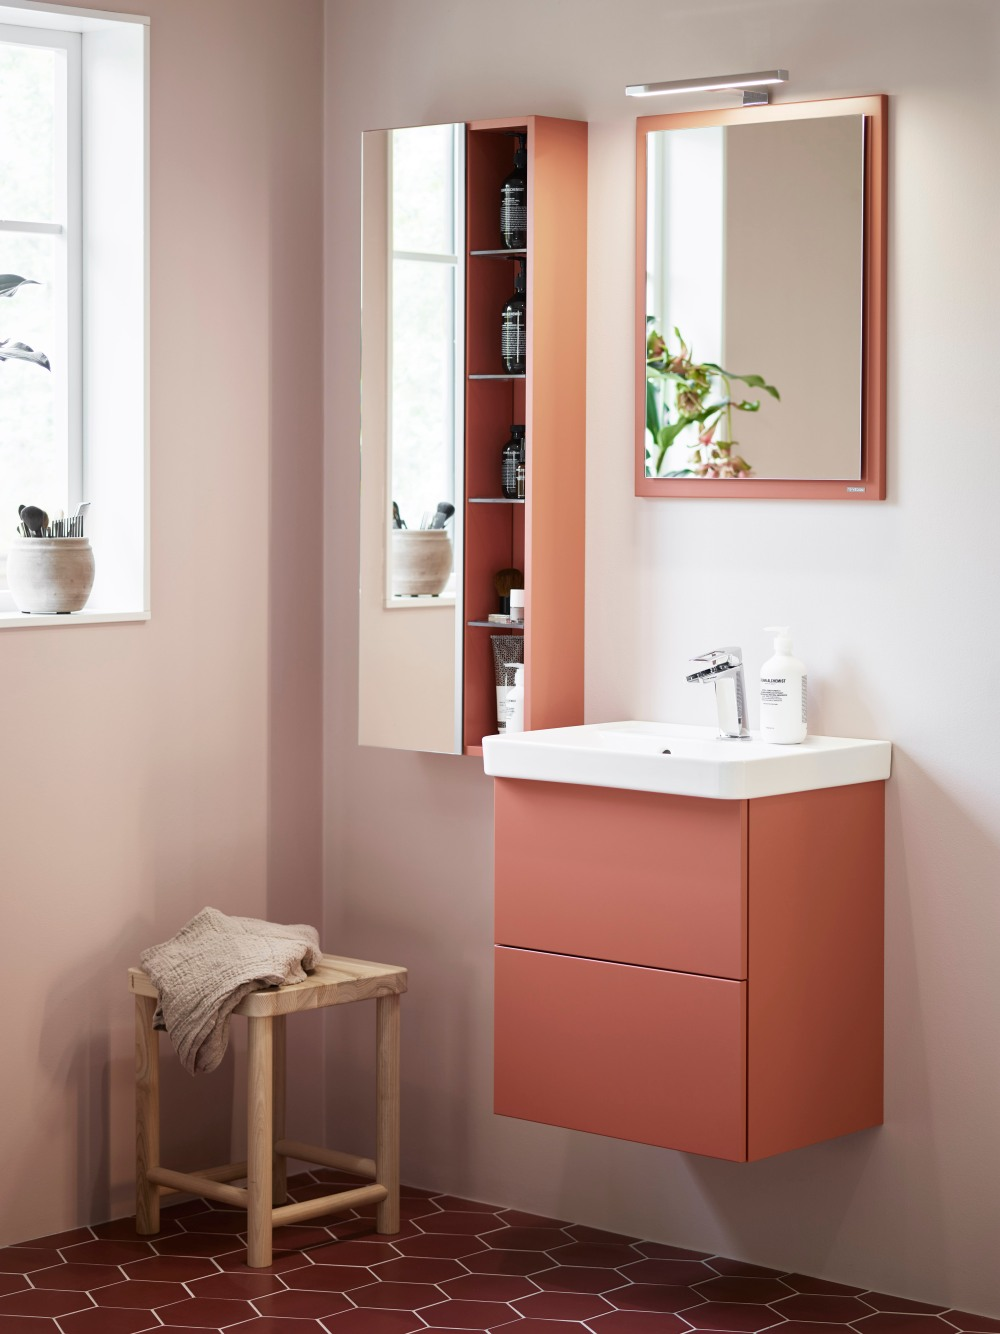 Badrumsmiljö i ljust rosa toner med badrumsskåp i färgen soft persika